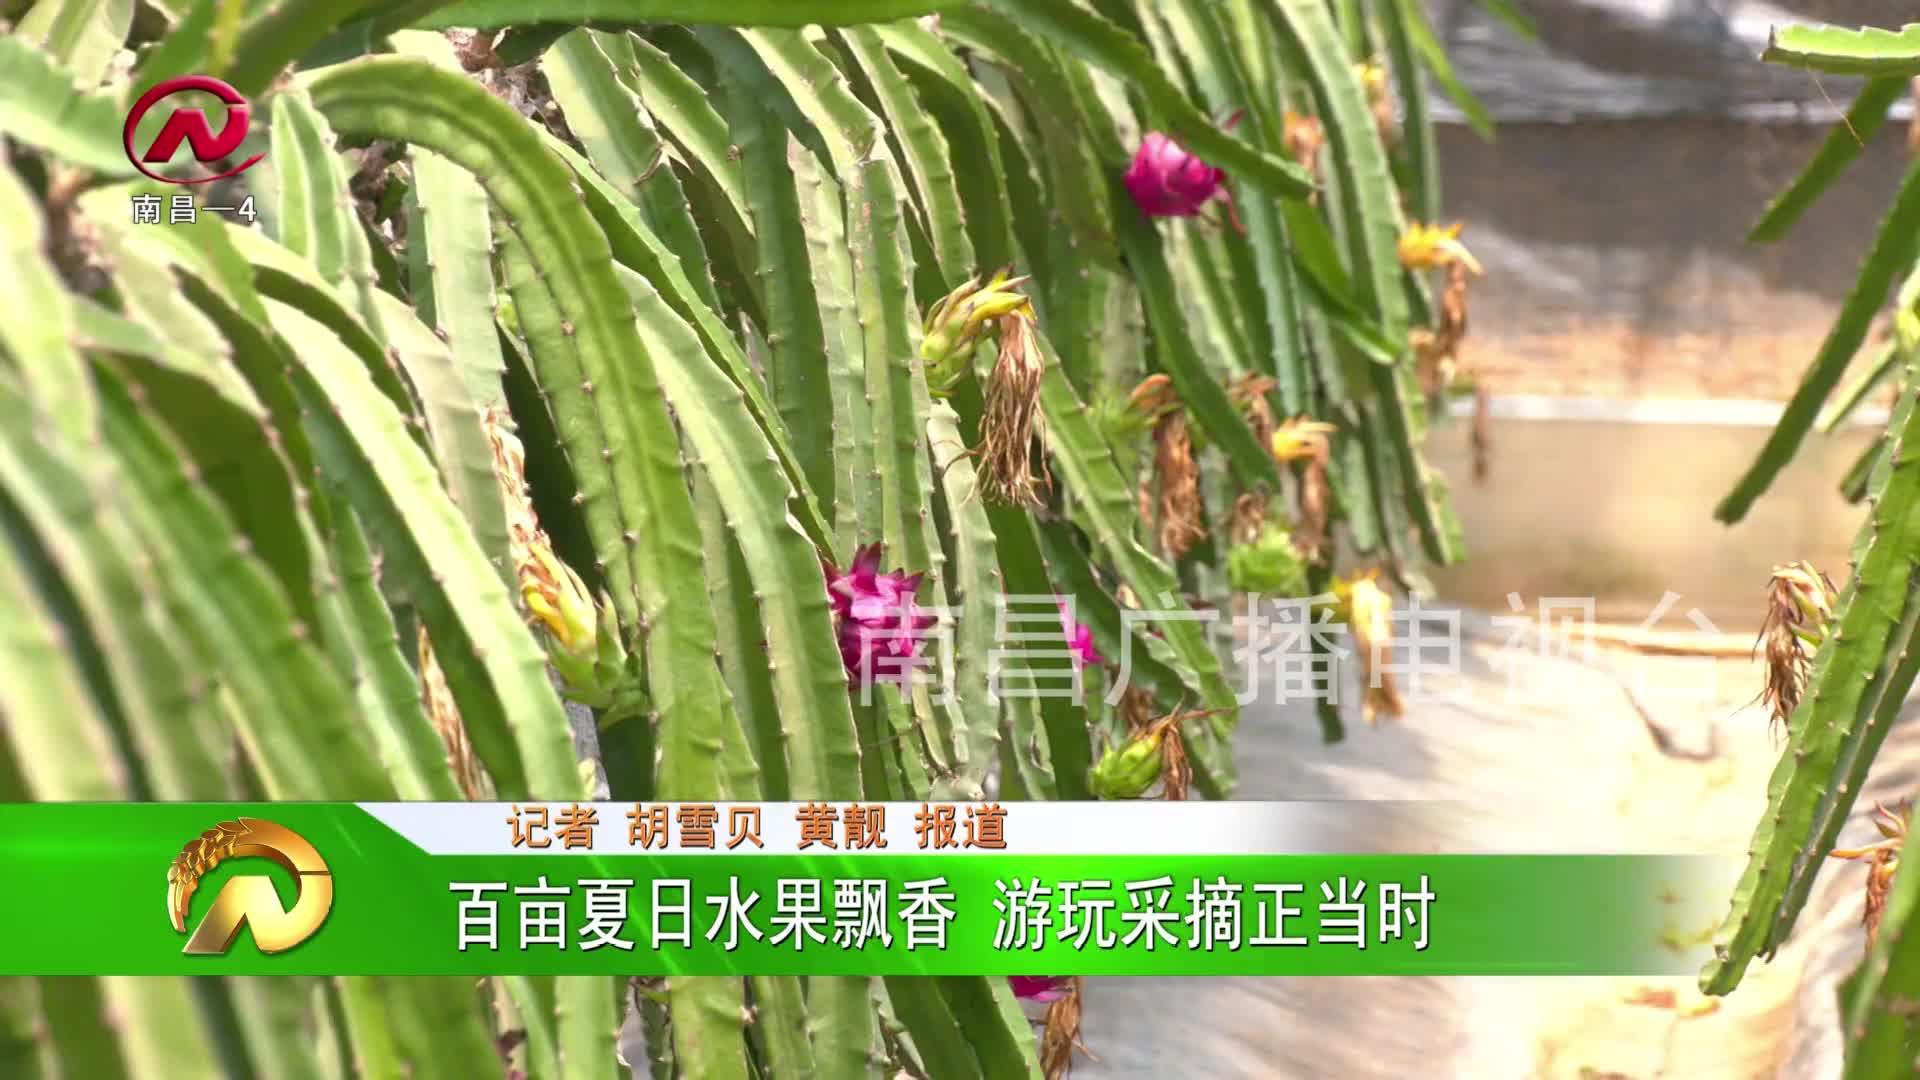 【豫章农视】百亩夏日水果飘香 游玩采摘正当时